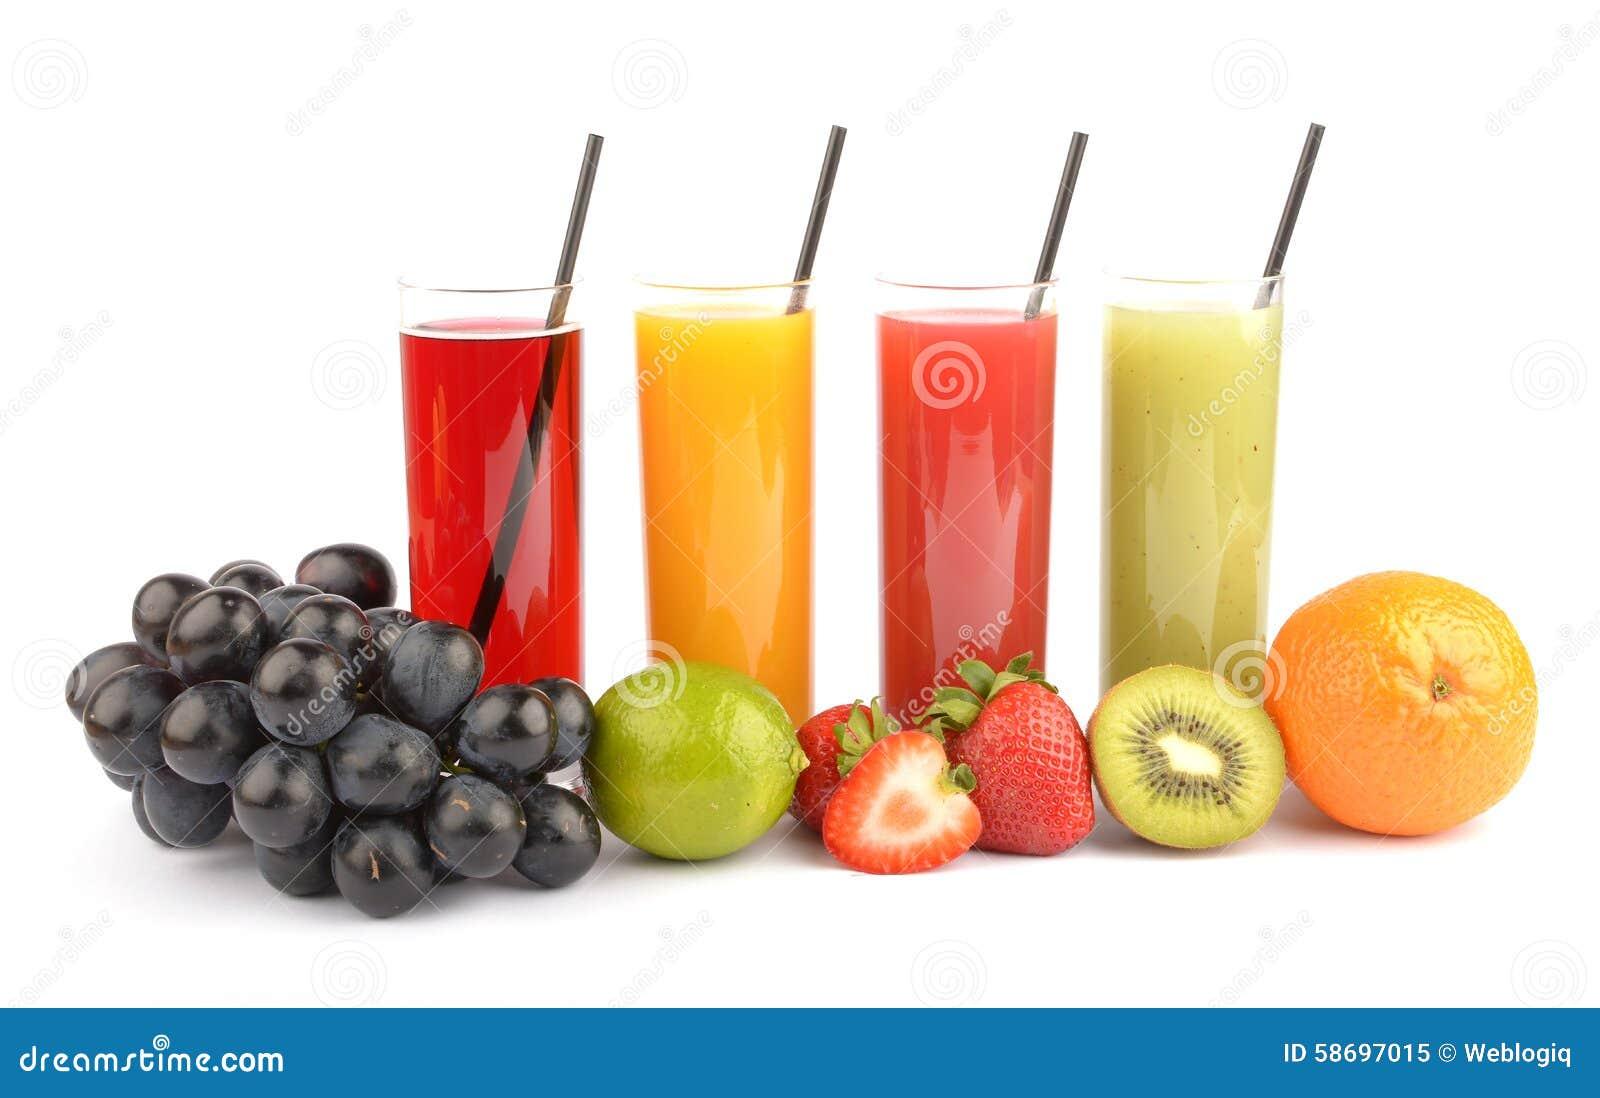 fresh fruit juices on white stock image image of orange